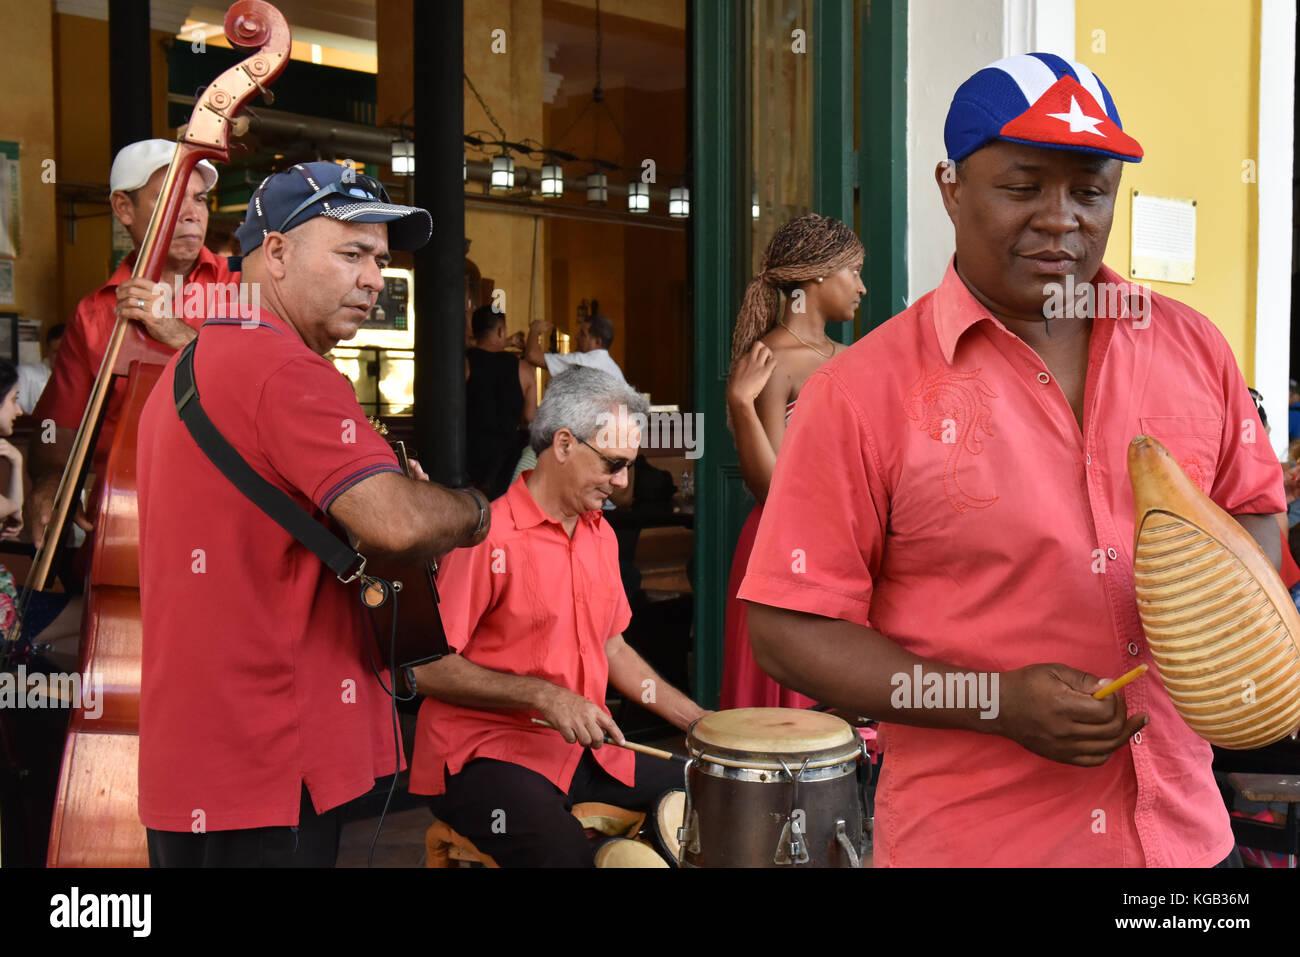 Kubanische Band Habana Vieja Kuba Stockbild